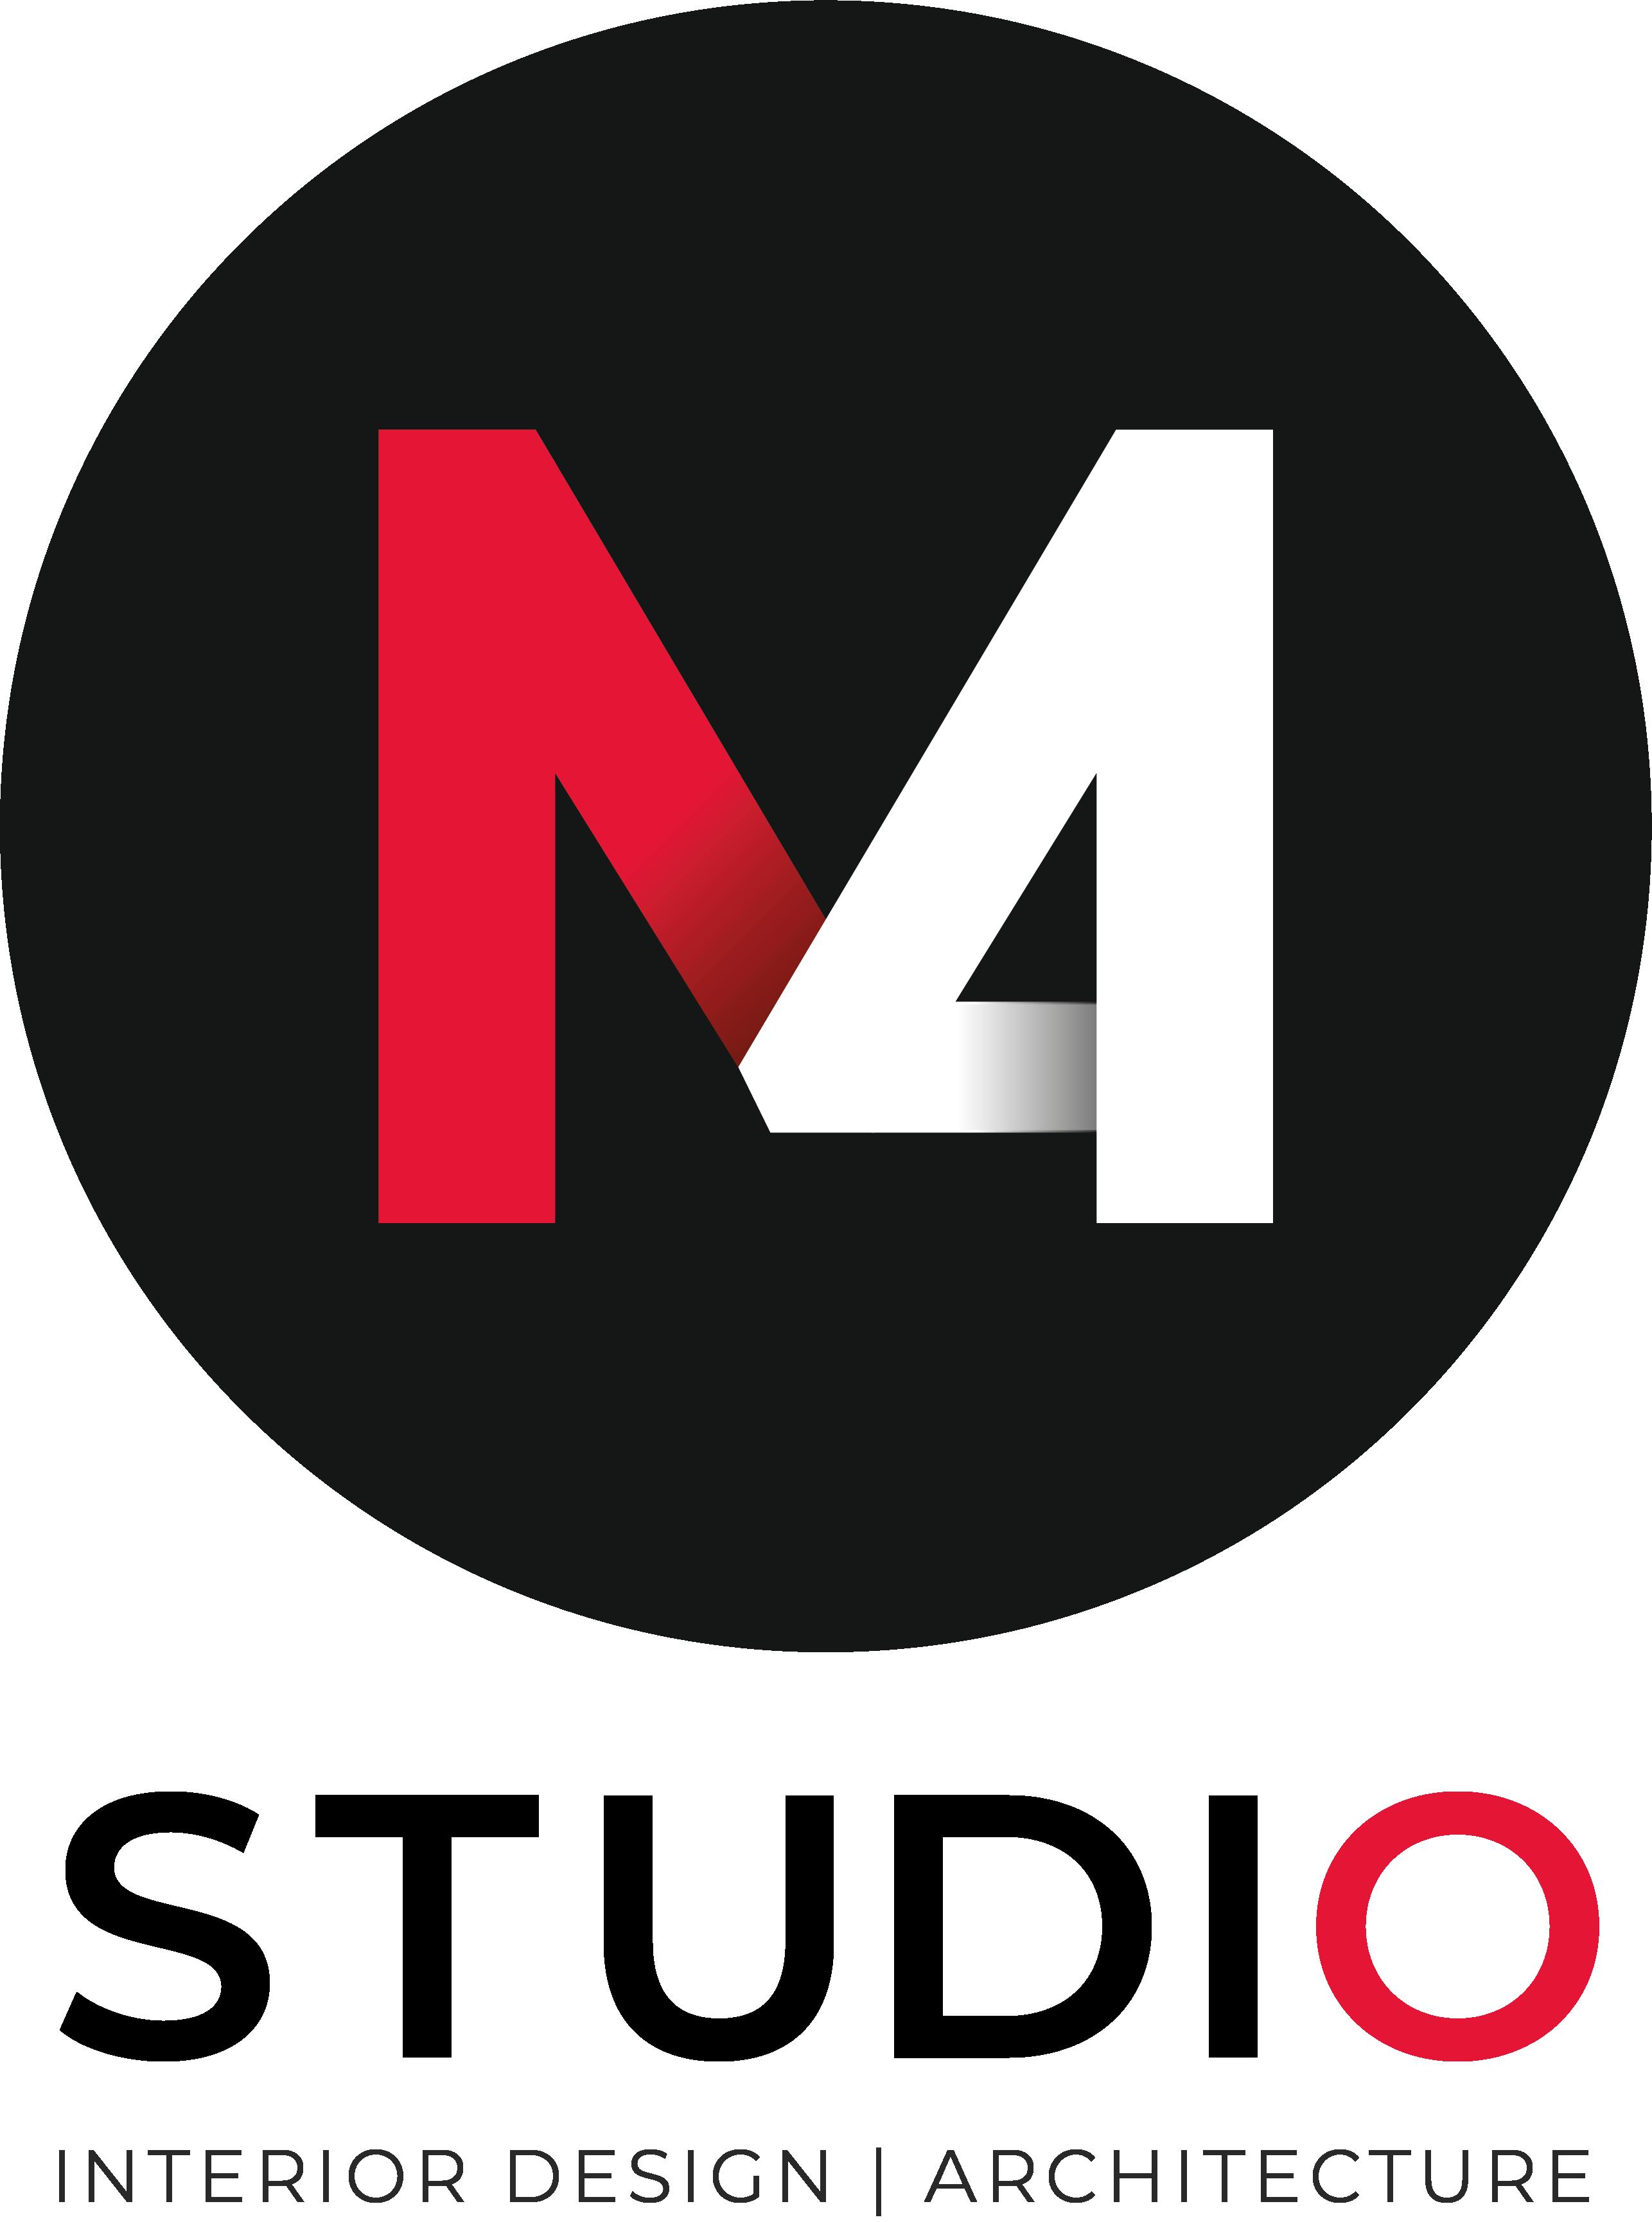 Logo needed for Interior Design/Architecture company!